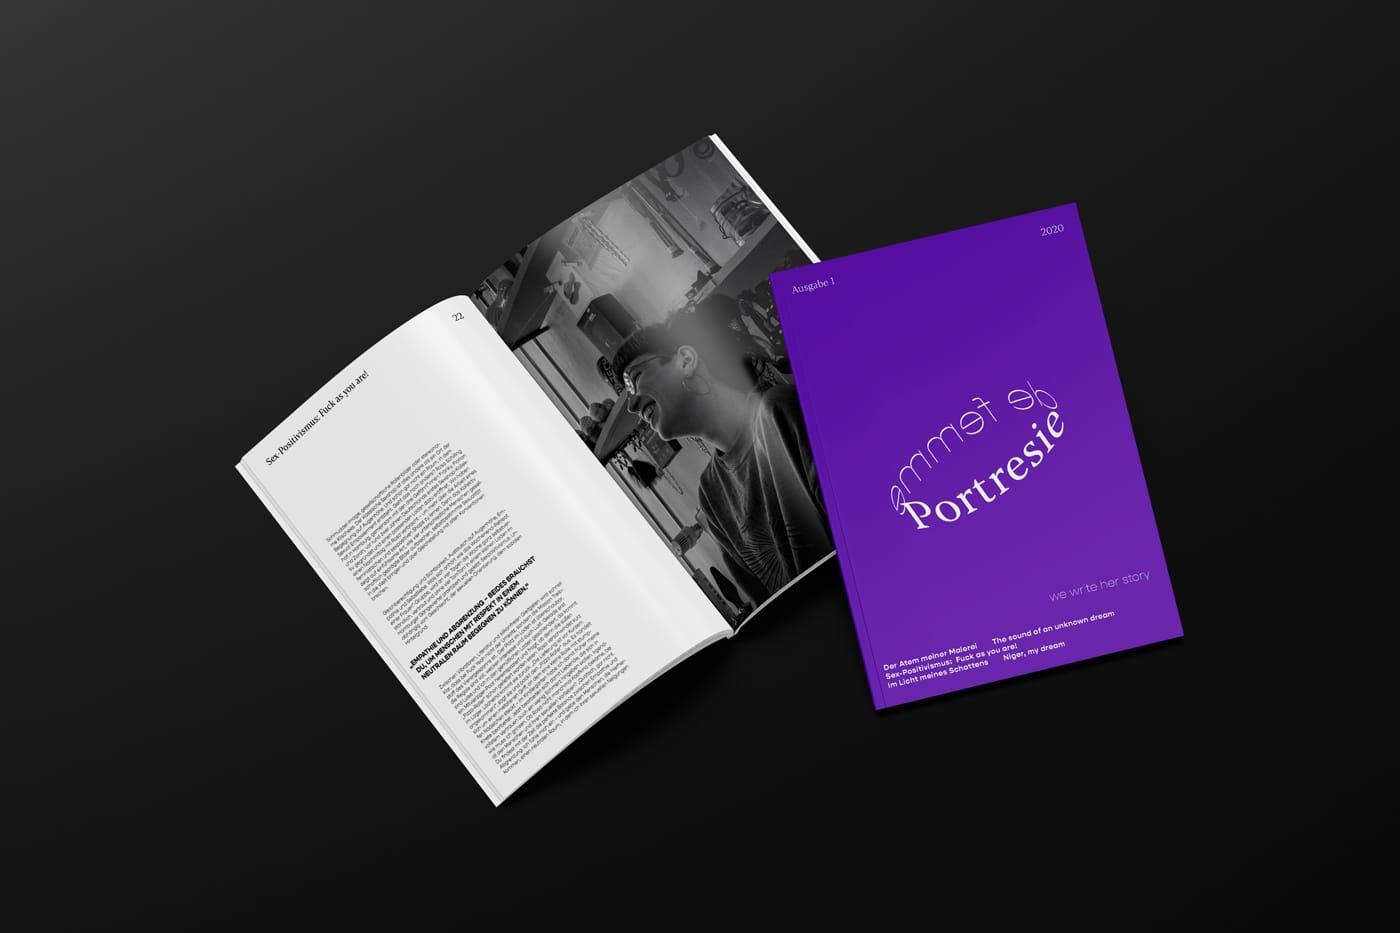 Magazin-Layout für Portresie de femme